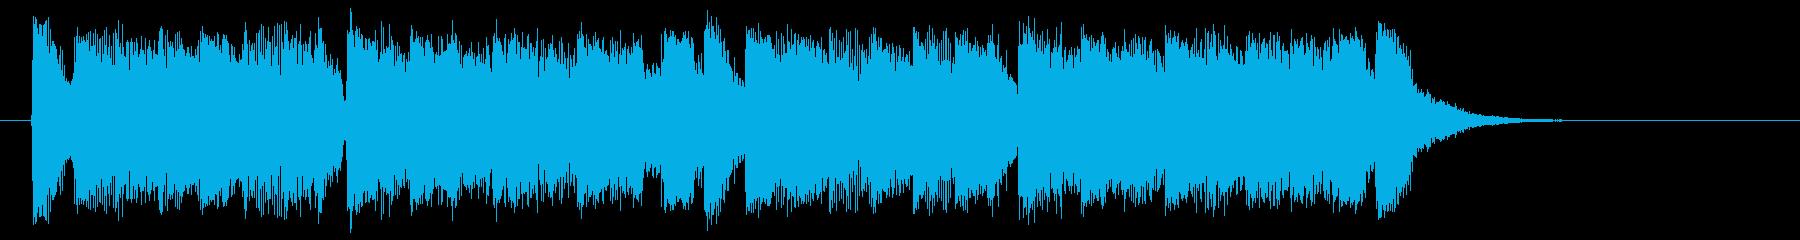 勢いがありエレクトーンが印象的なBGMの再生済みの波形